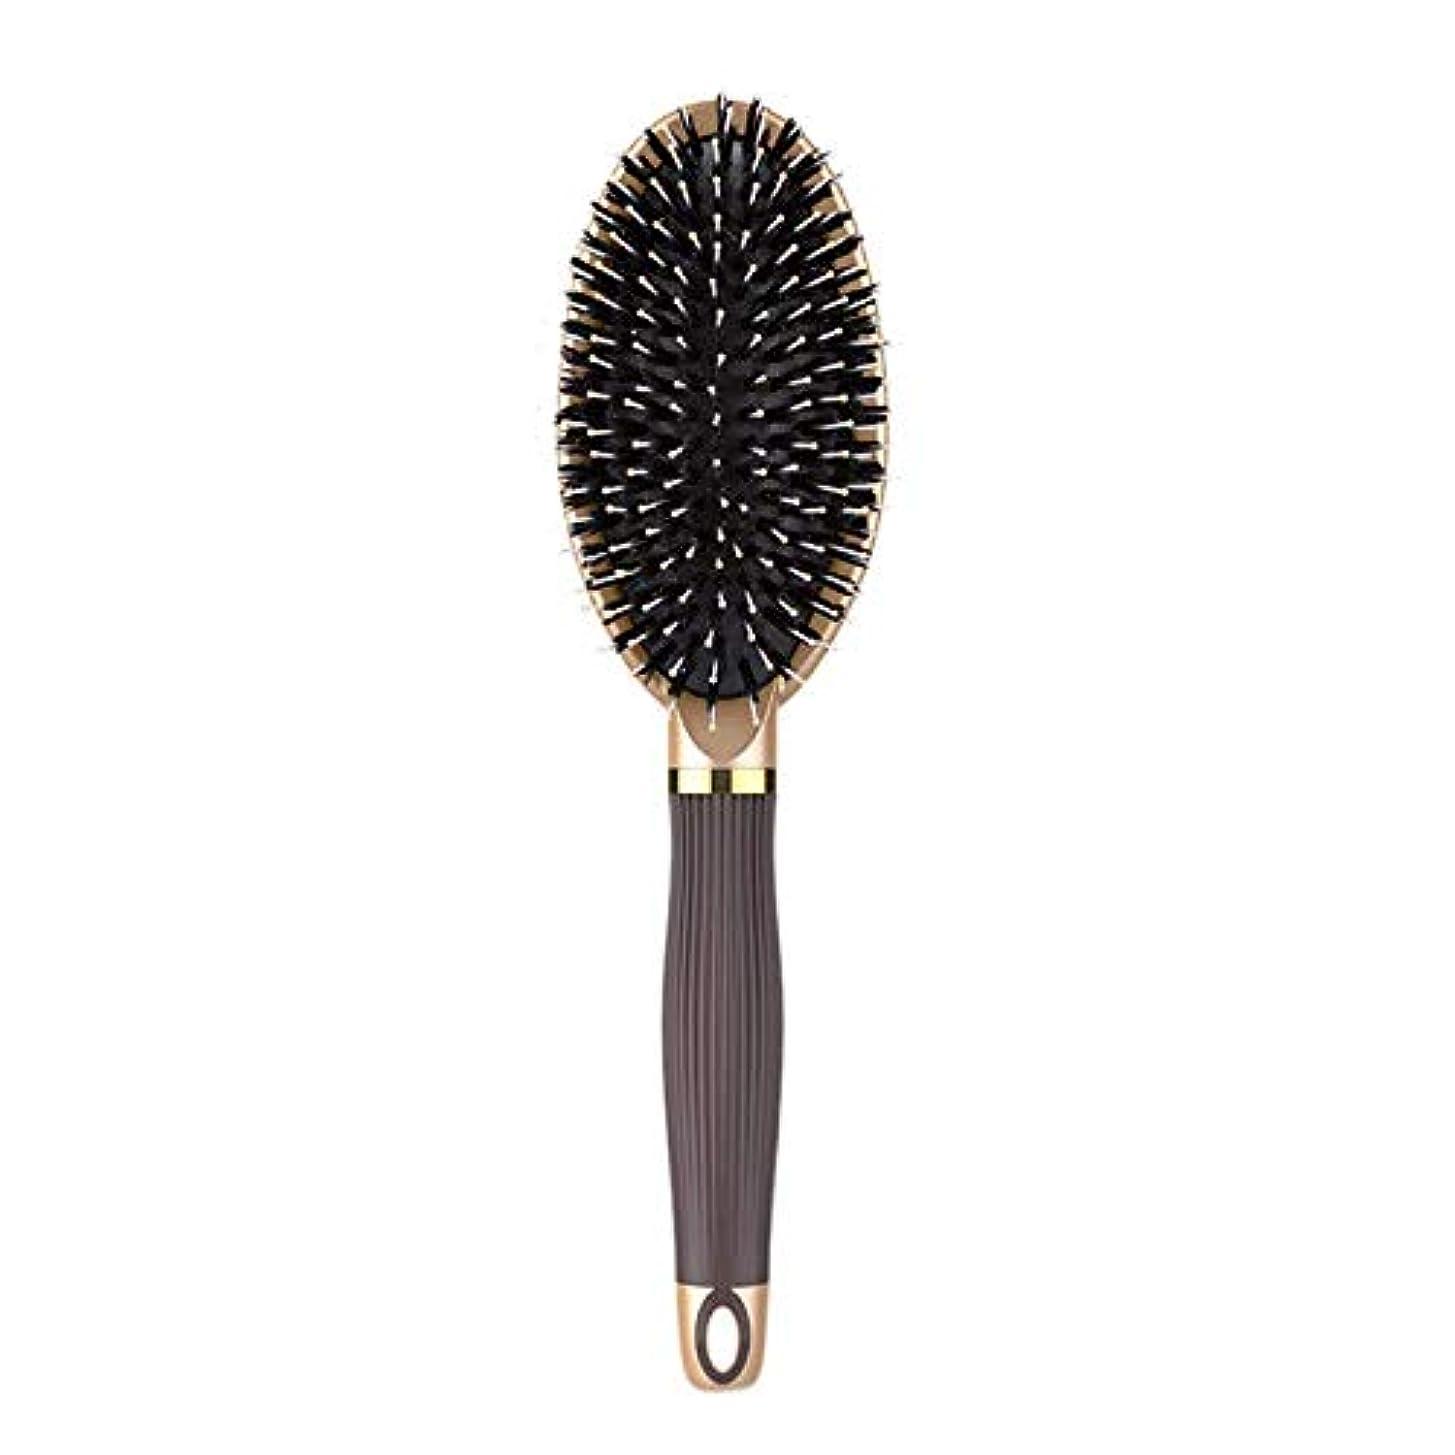 彼ら反射ポスト印象派RETYLY ヘアブラシイノシシ剛毛ヘアブラシと濡れた髪または乾いた髪に最適な作品髪を矯正して滑らかにするためにデザイン 女性&男性用